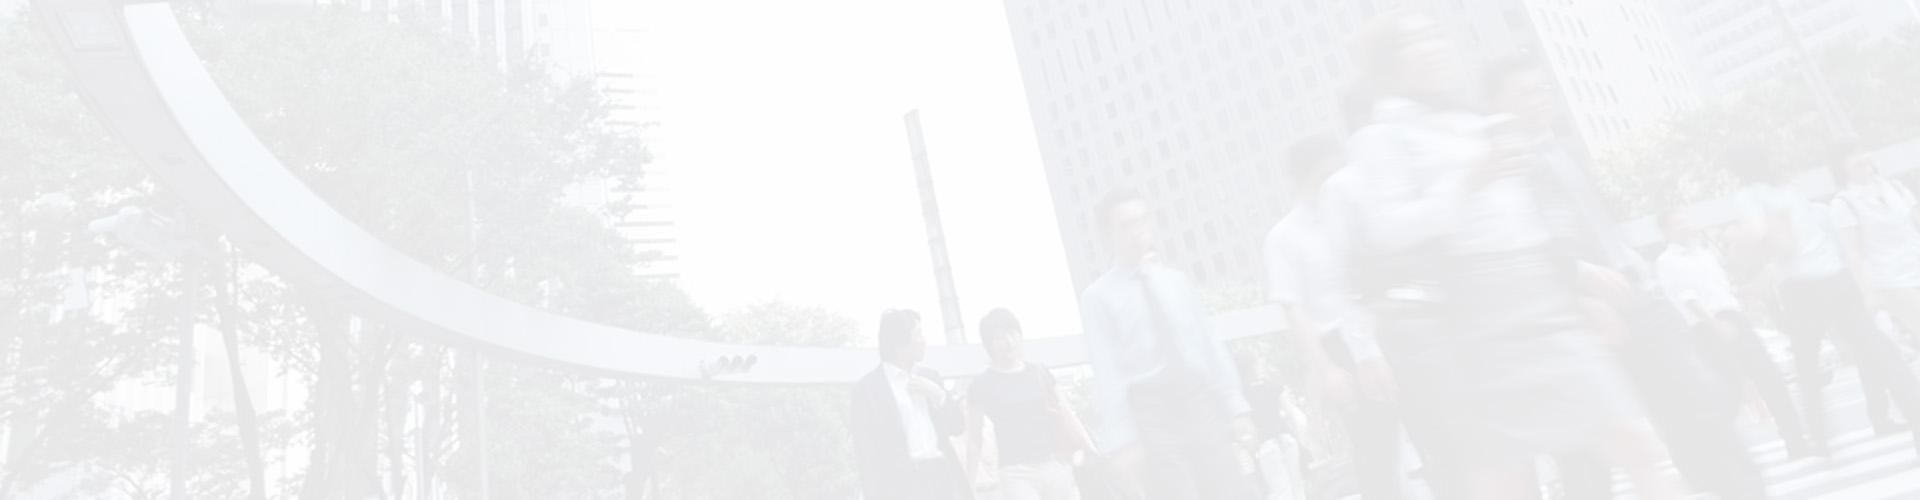 行业短信群发